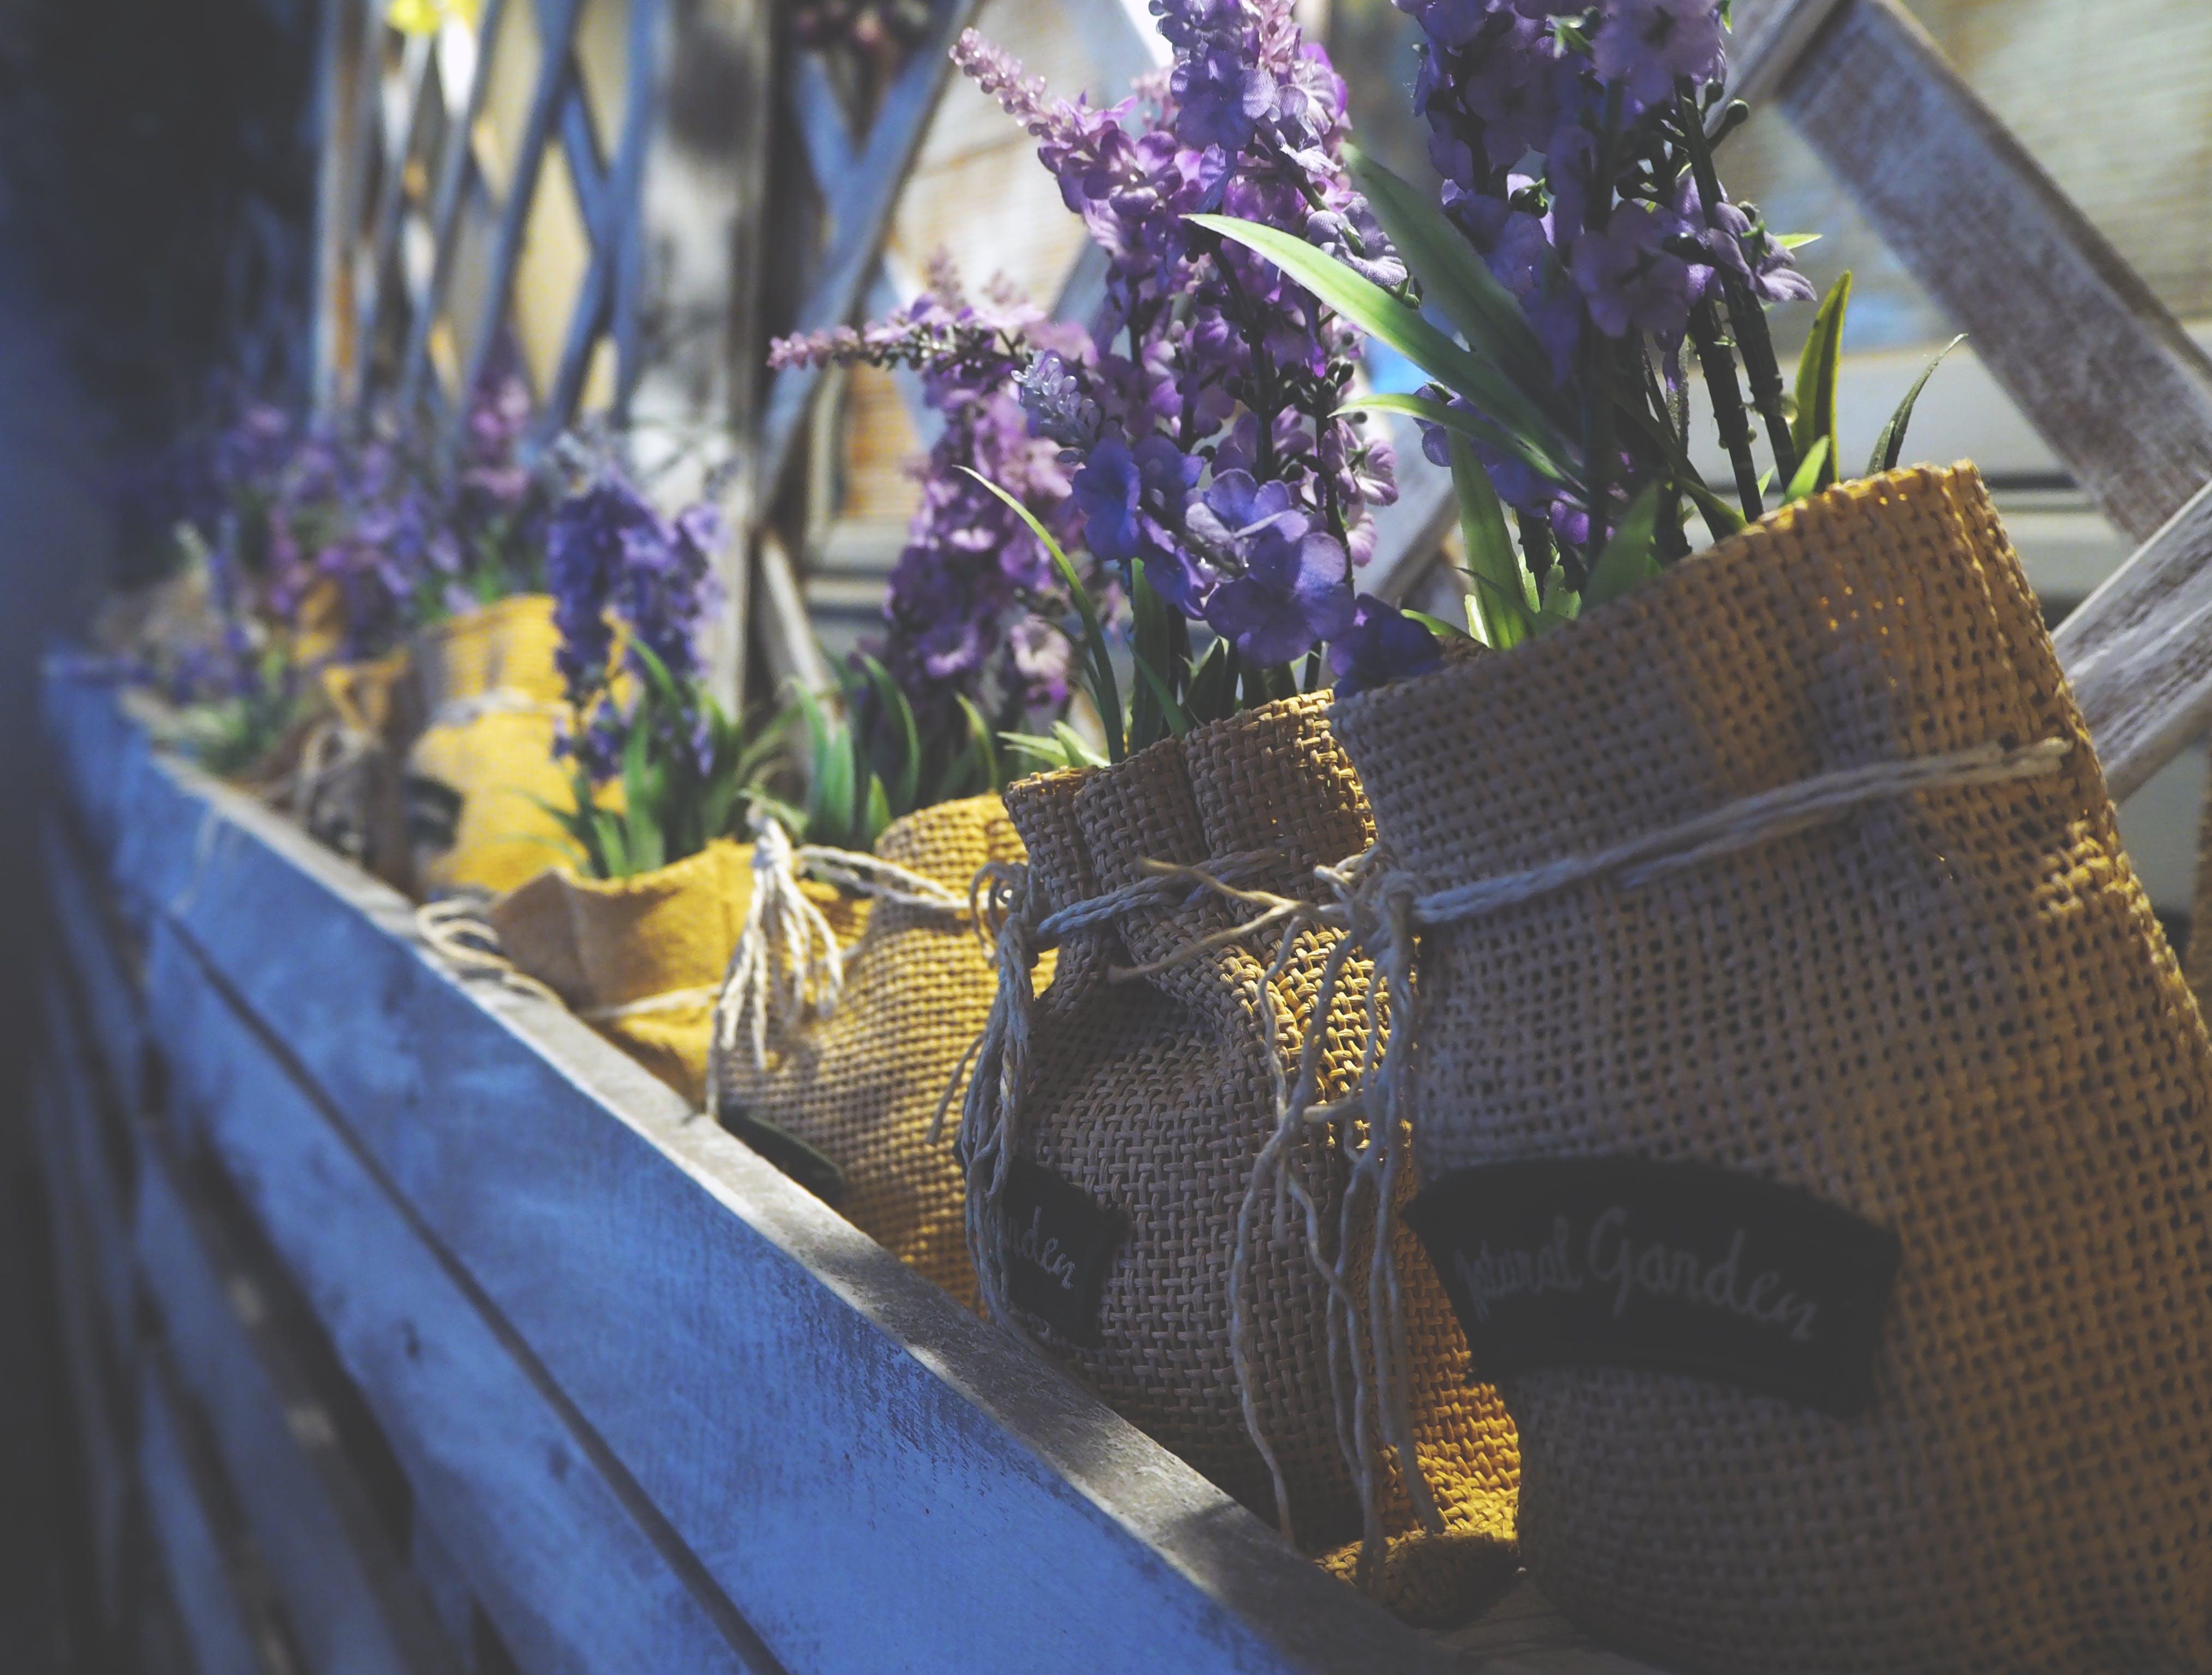 增長, 夏天, 季節, 容器 的 免費圖庫相片